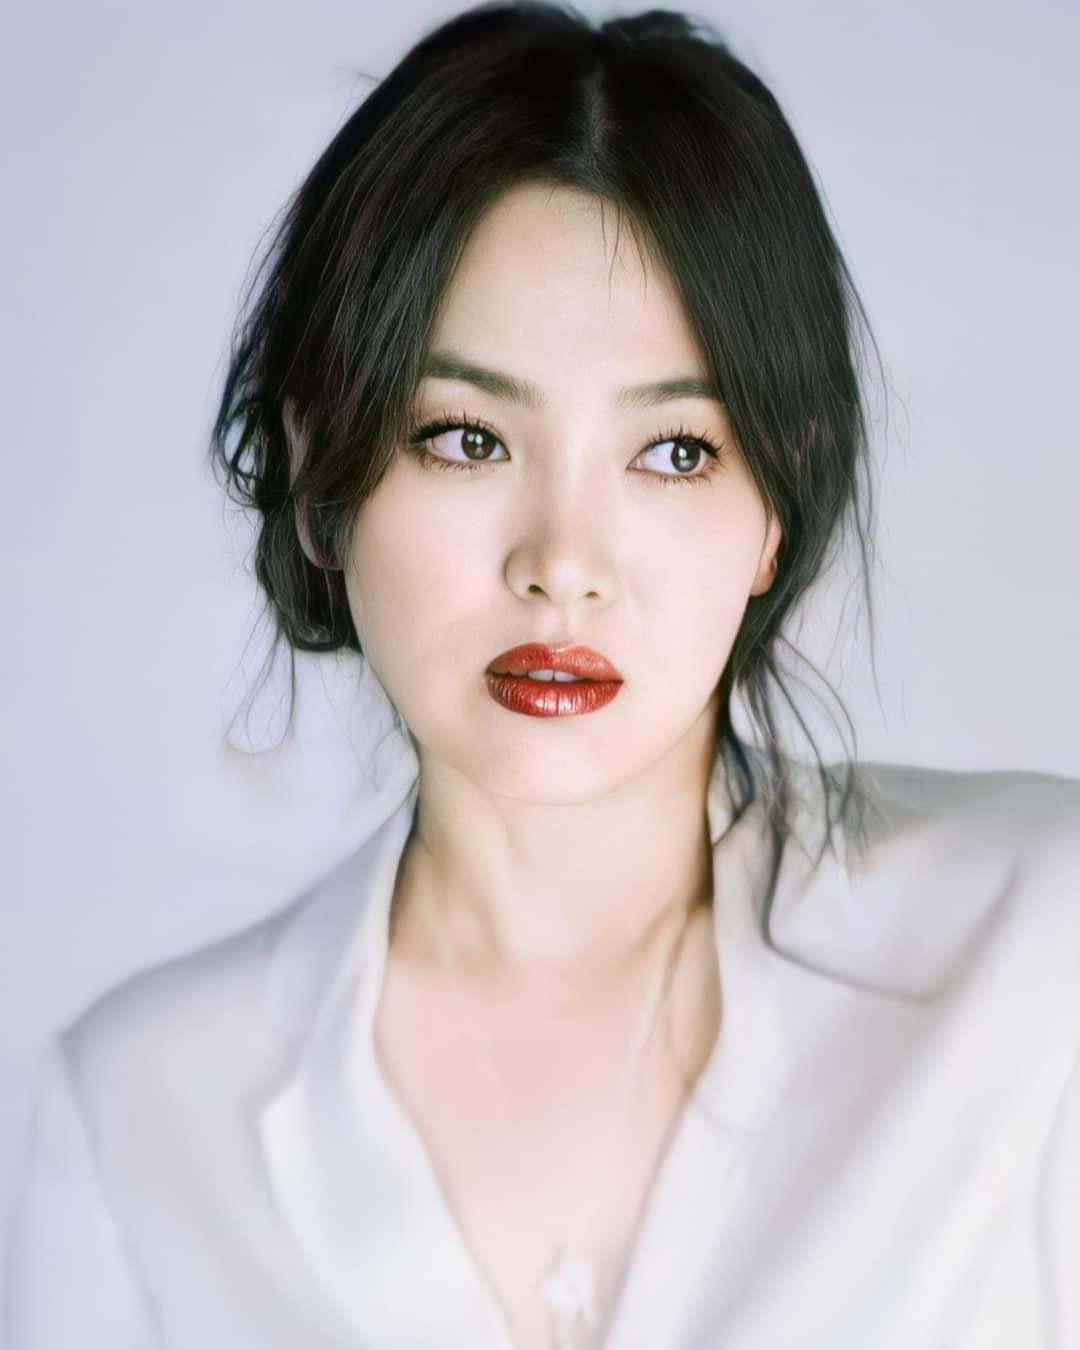 """Nhìn Song Hye Kyo makeup nhạt đã quen, nhưng nếu nhìn cô """"biến hình"""" makeup đậm qua ảnh của fan thì bạn sẽ ngỡ ngàng - Ảnh 7."""